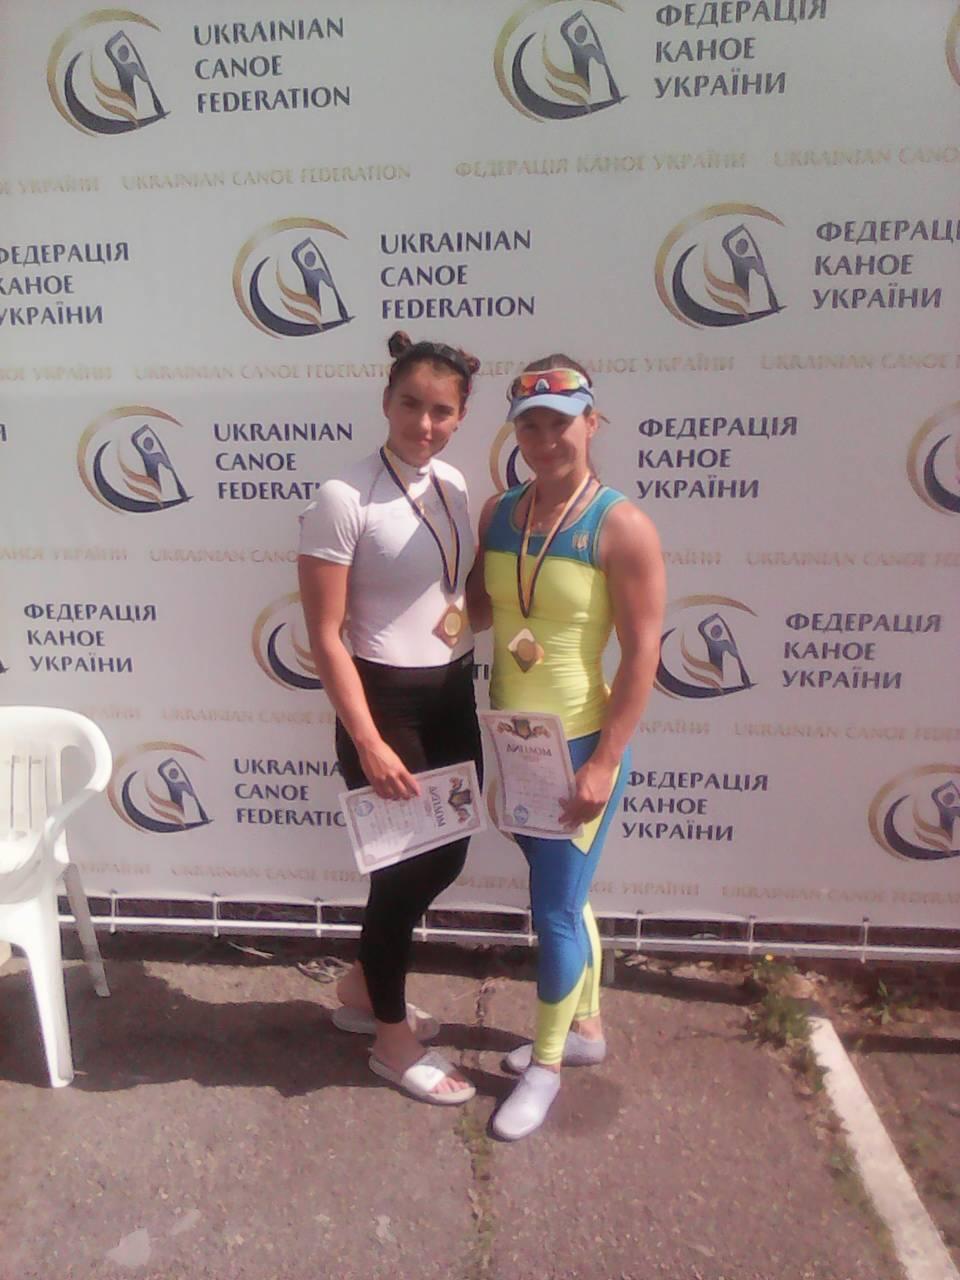 Чемпіонат України з веслування на байдарках і каное, Дніпро. Фото